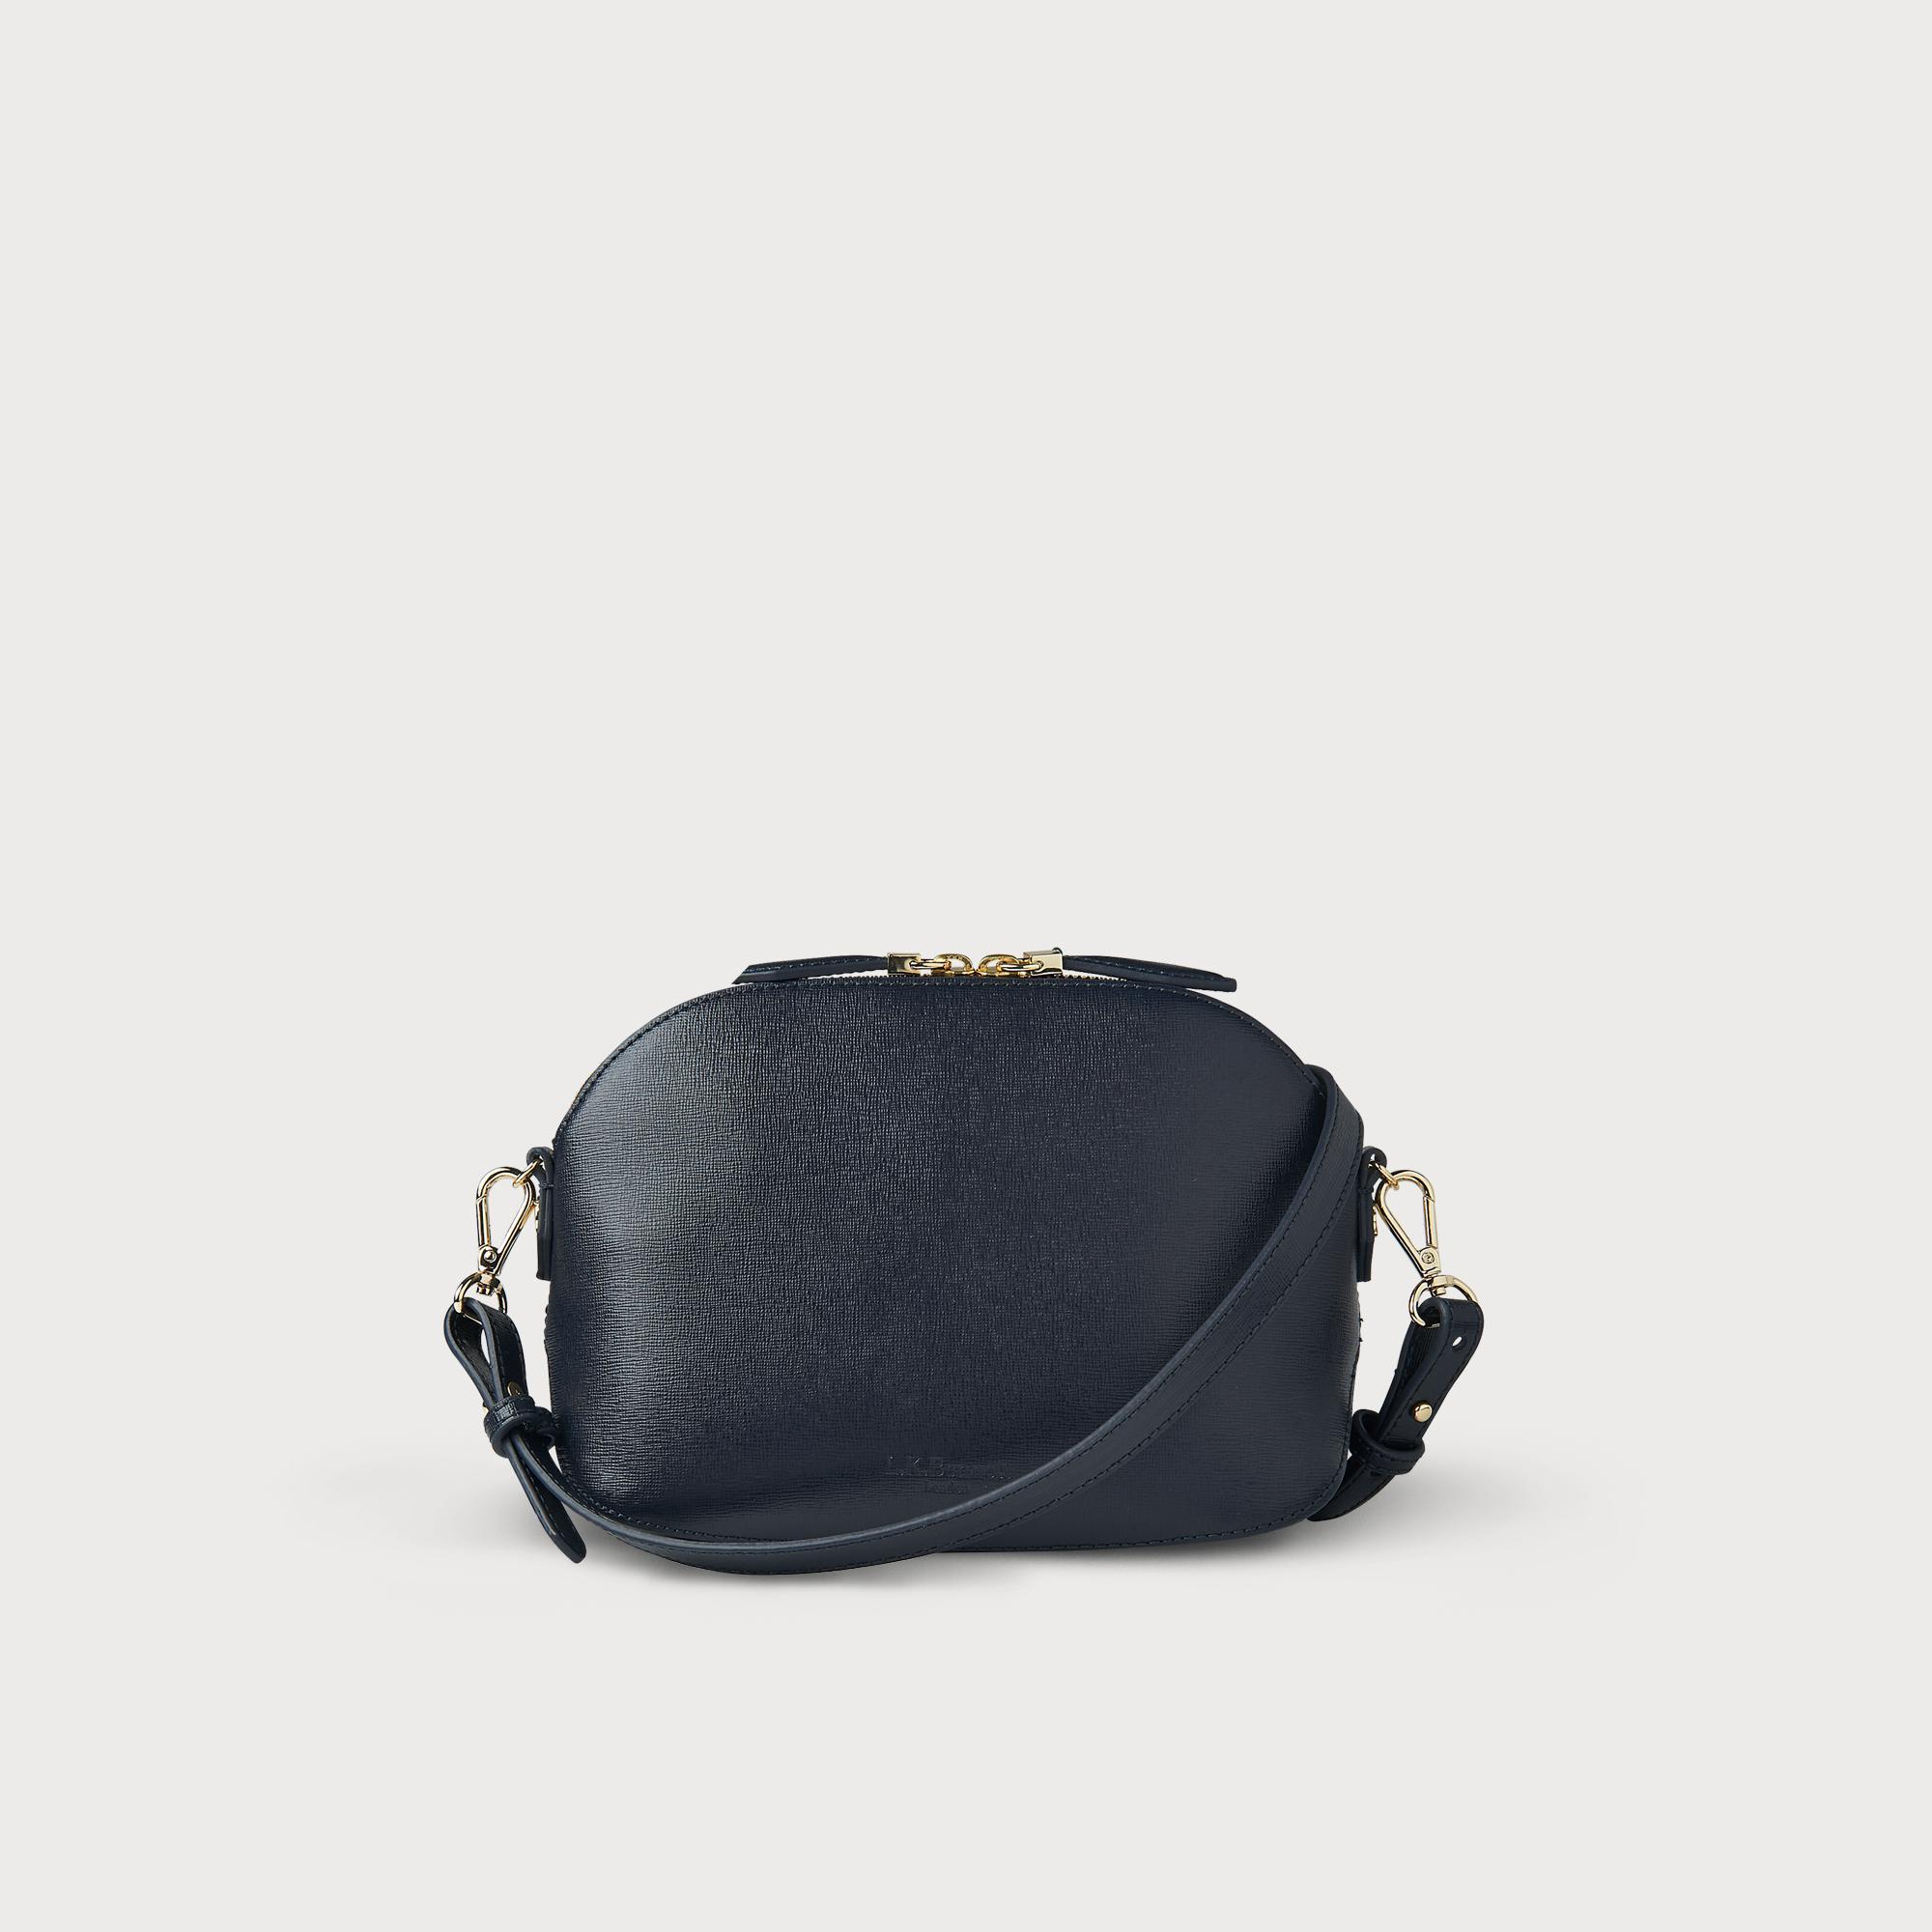 Candice Navy Leather Shoulder Bag